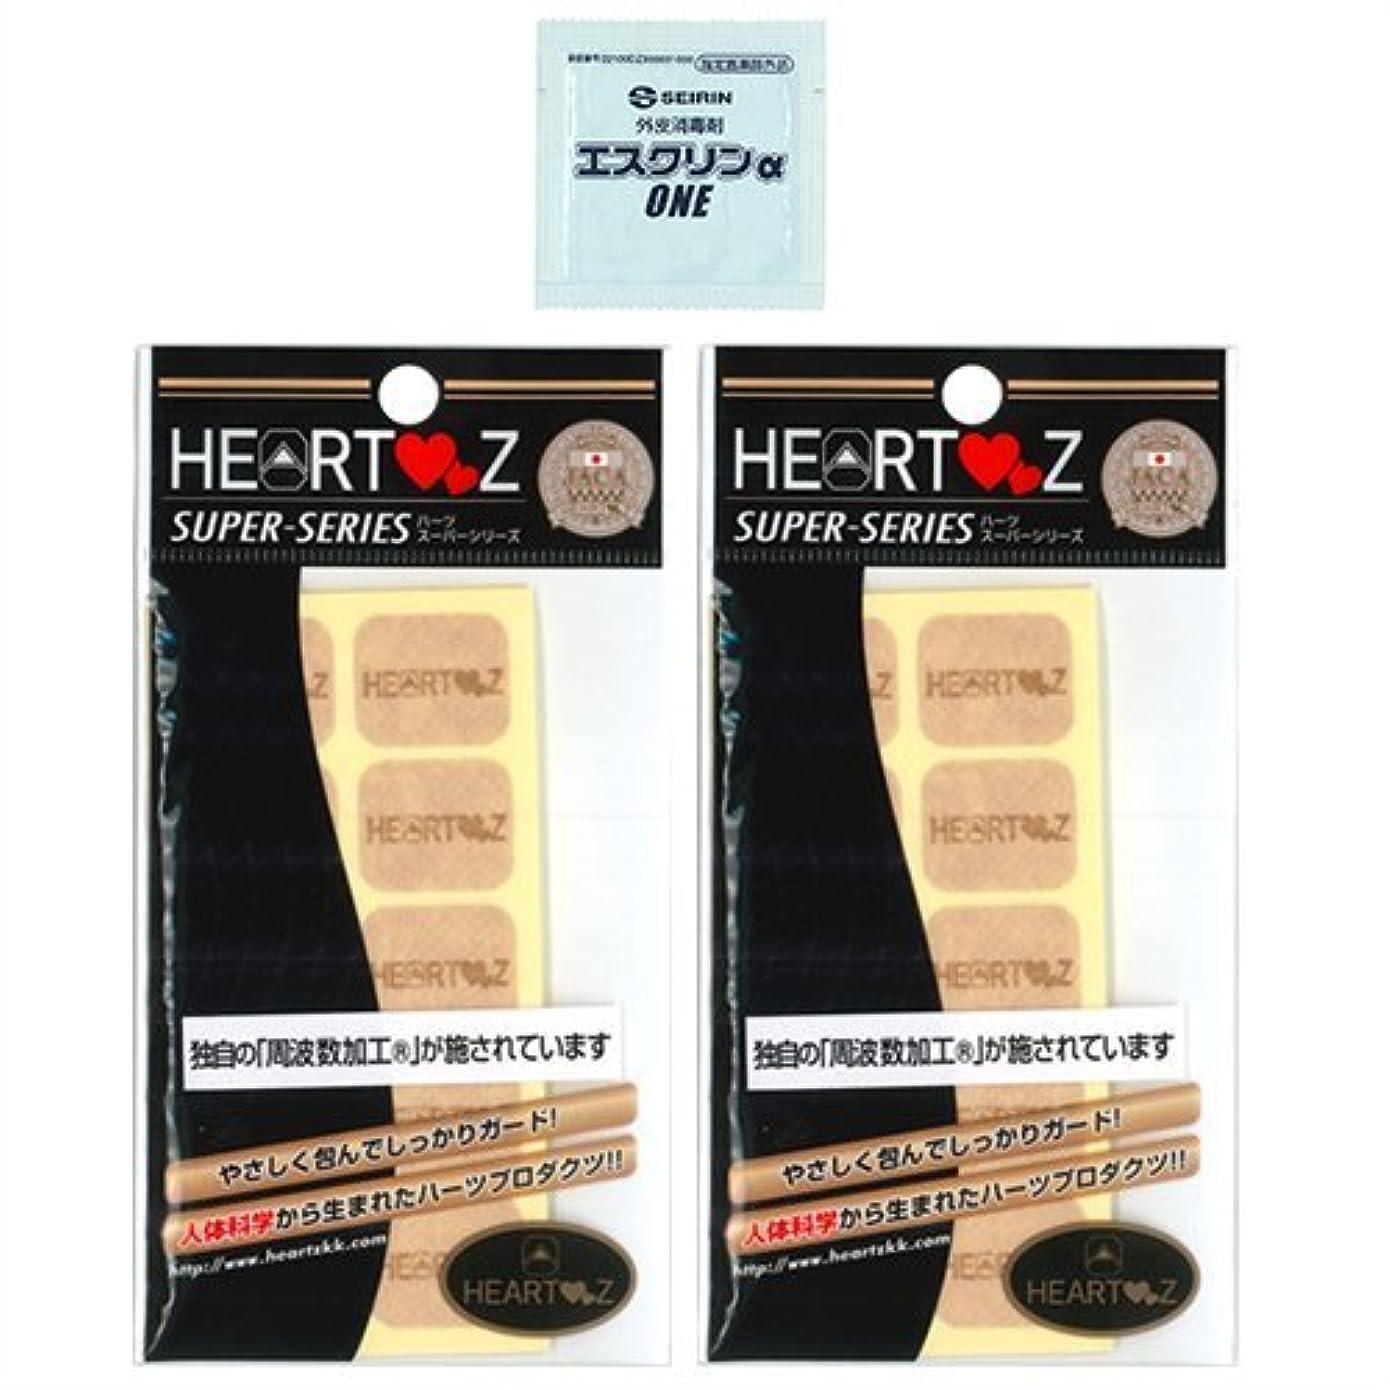 抑制有効な炎上【HEARTZ(ハーツ)】ハーツスーパーシール レギュラータイプ 80枚入×2個セット (計160枚) + エスクリンαONEx1個 セット